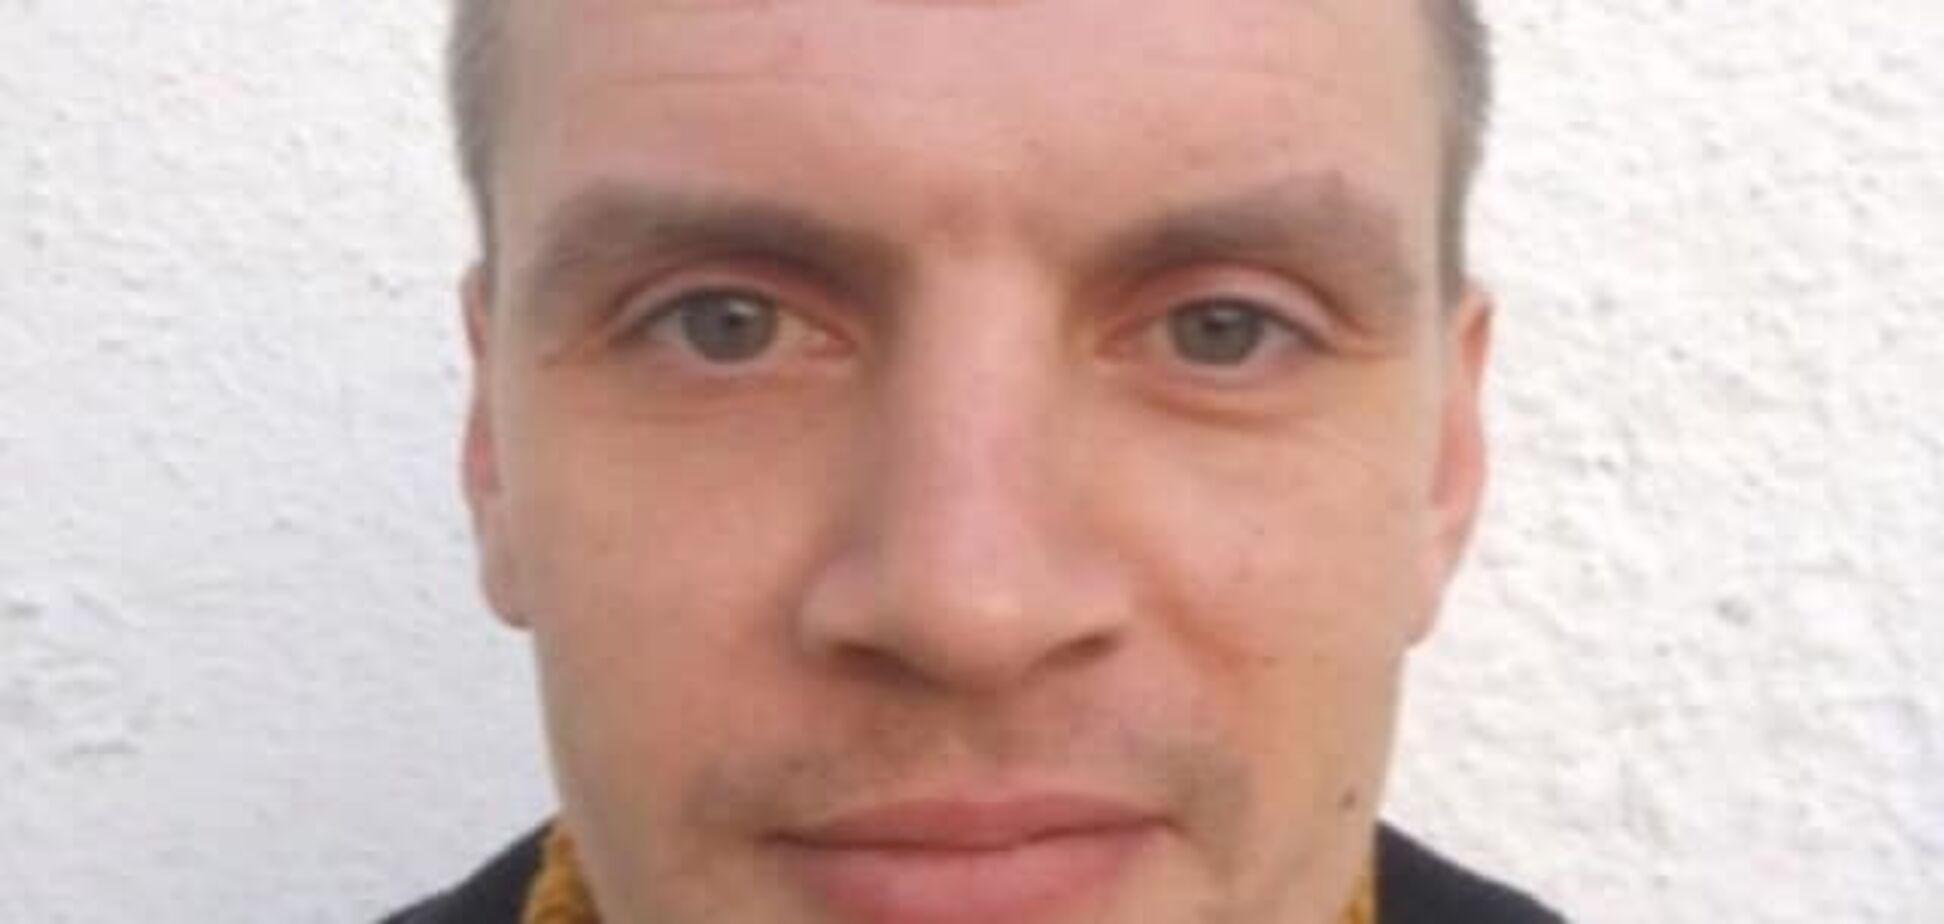 В Киеве объявили в розыск сбежавшего из тюрьмы преступника: опубликовано его фото